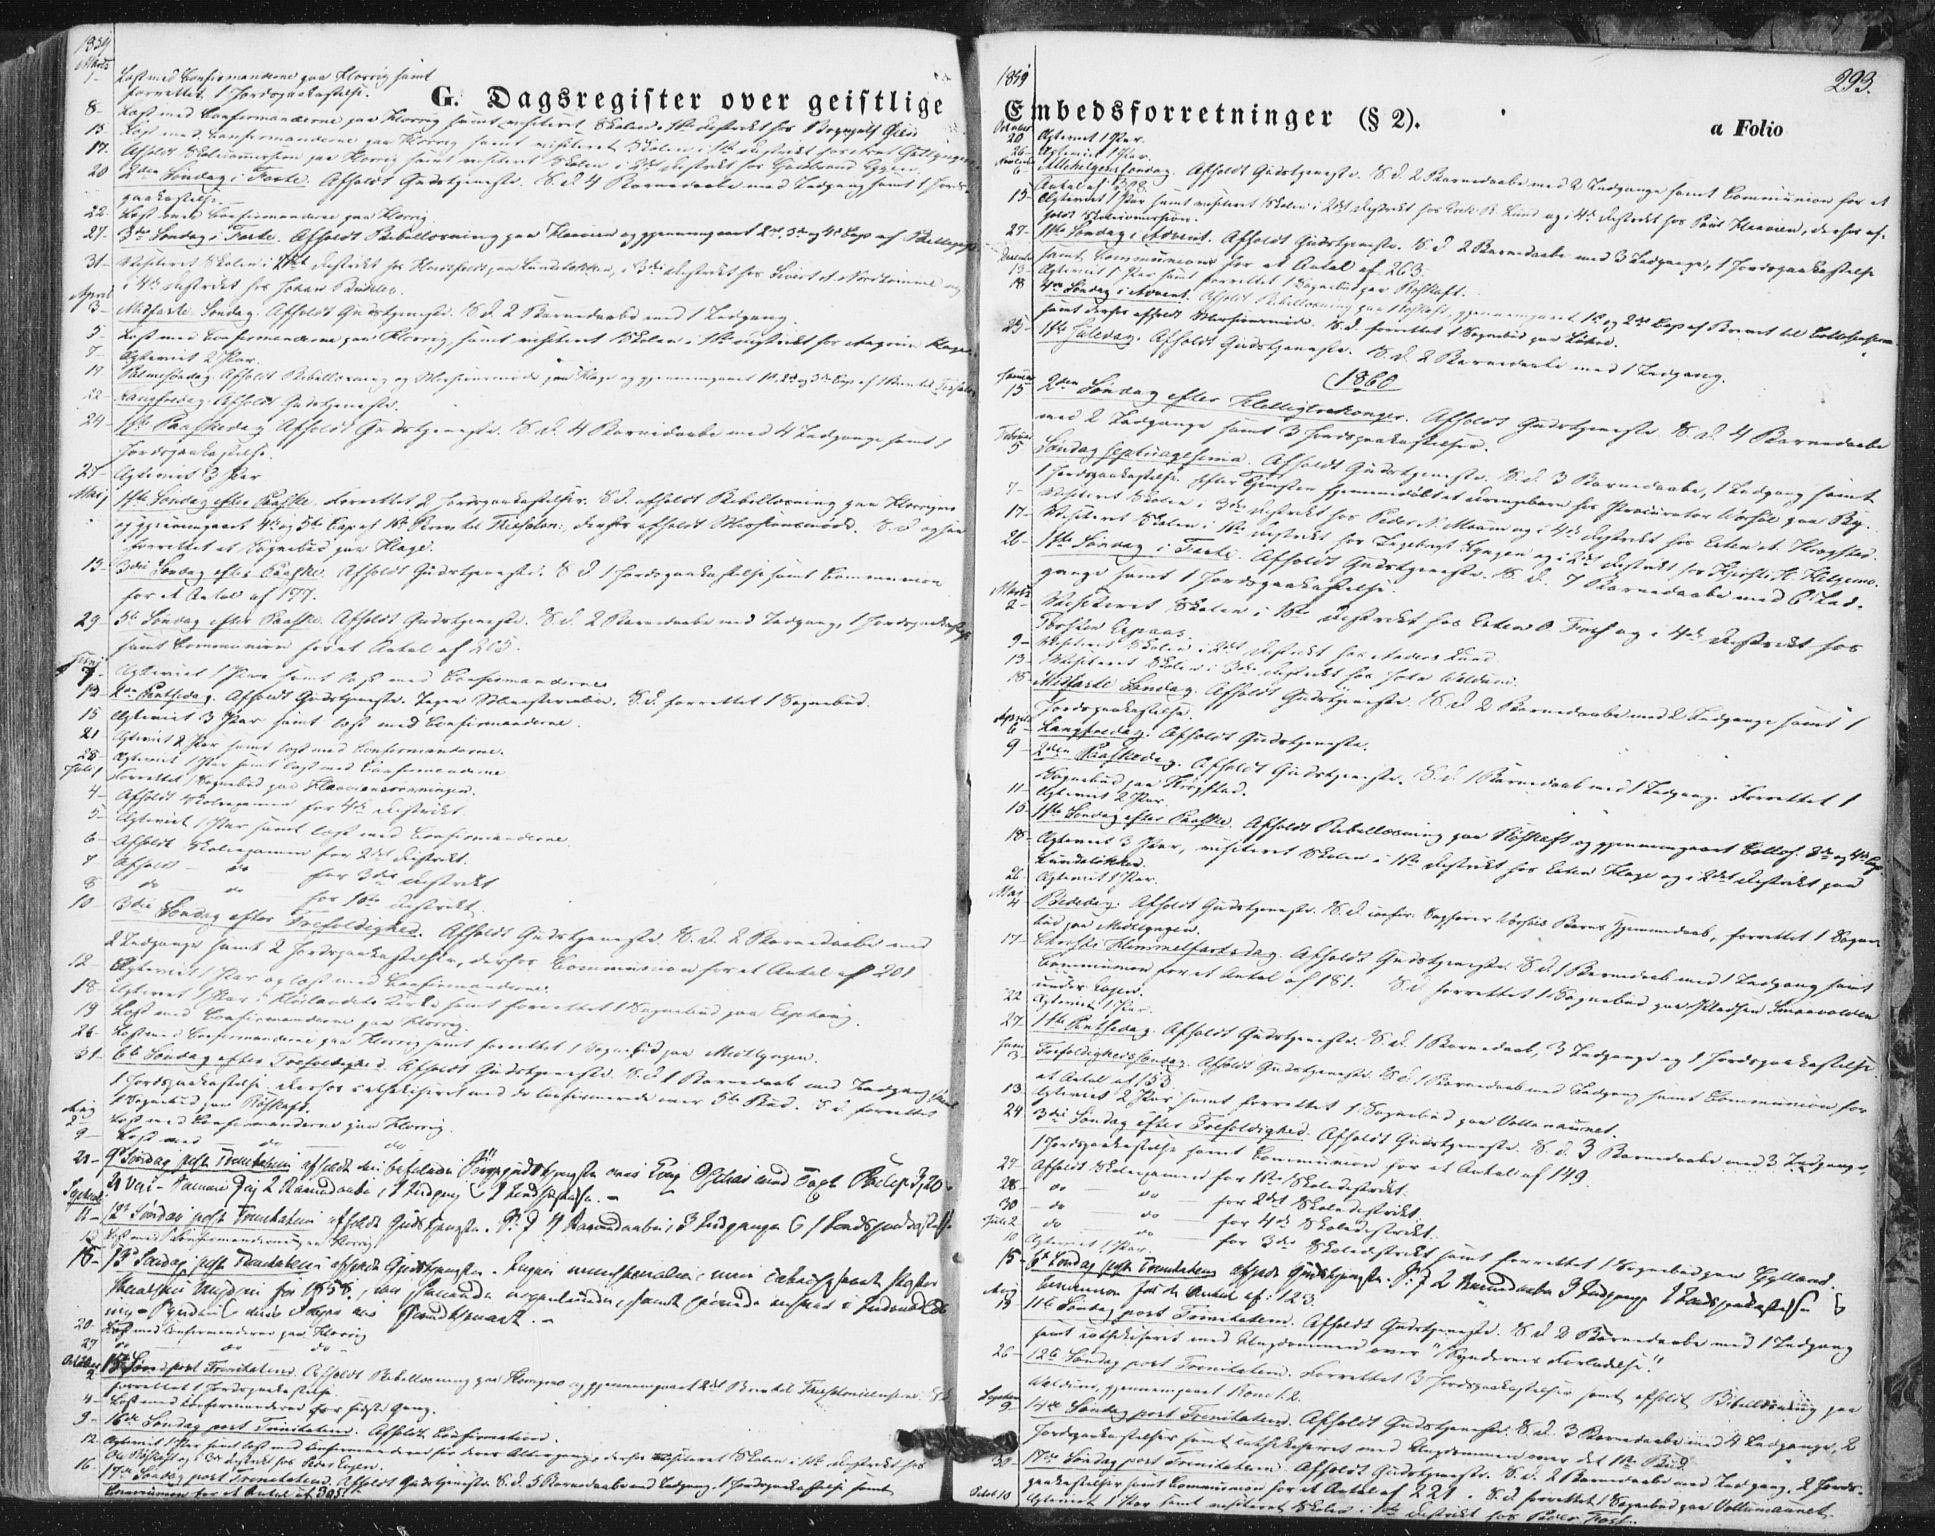 SAT, Ministerialprotokoller, klokkerbøker og fødselsregistre - Sør-Trøndelag, 692/L1103: Ministerialbok nr. 692A03, 1849-1870, s. 293